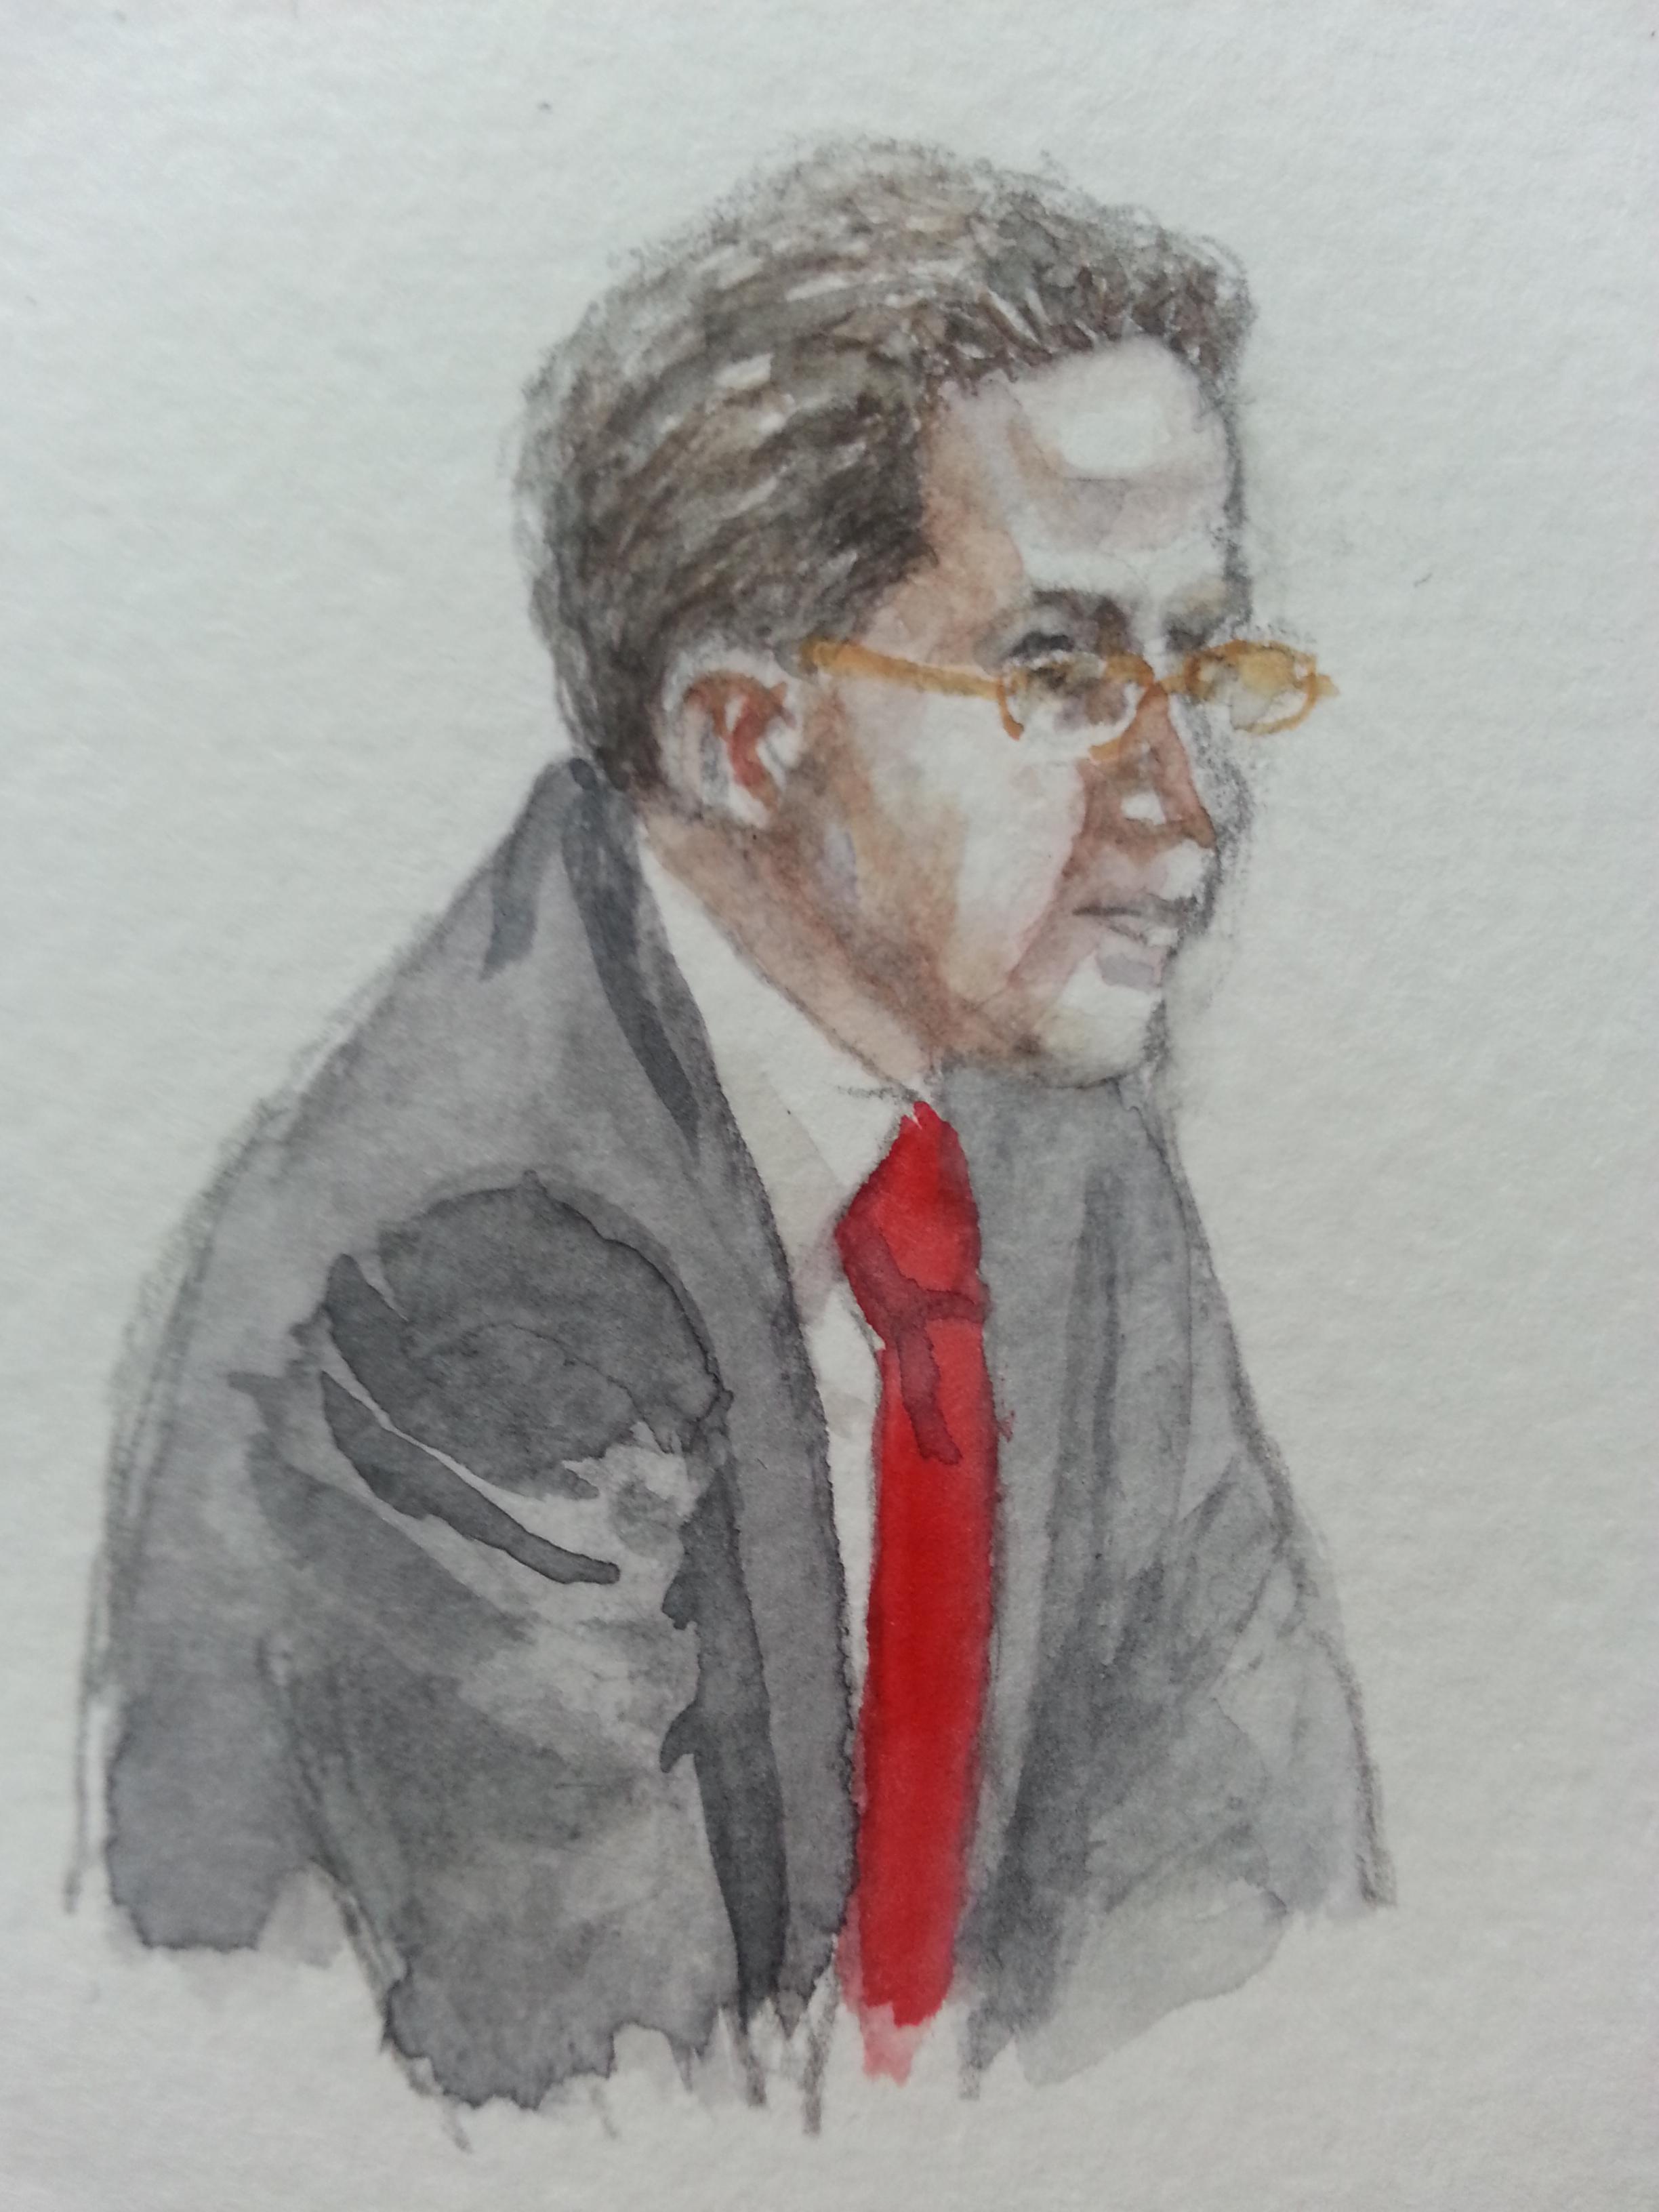 Zeuge Hans-Georg Maaßen während seiner Aussage. Zeichnung: Stella Schiffczyk. Lizenz: nicht frei.